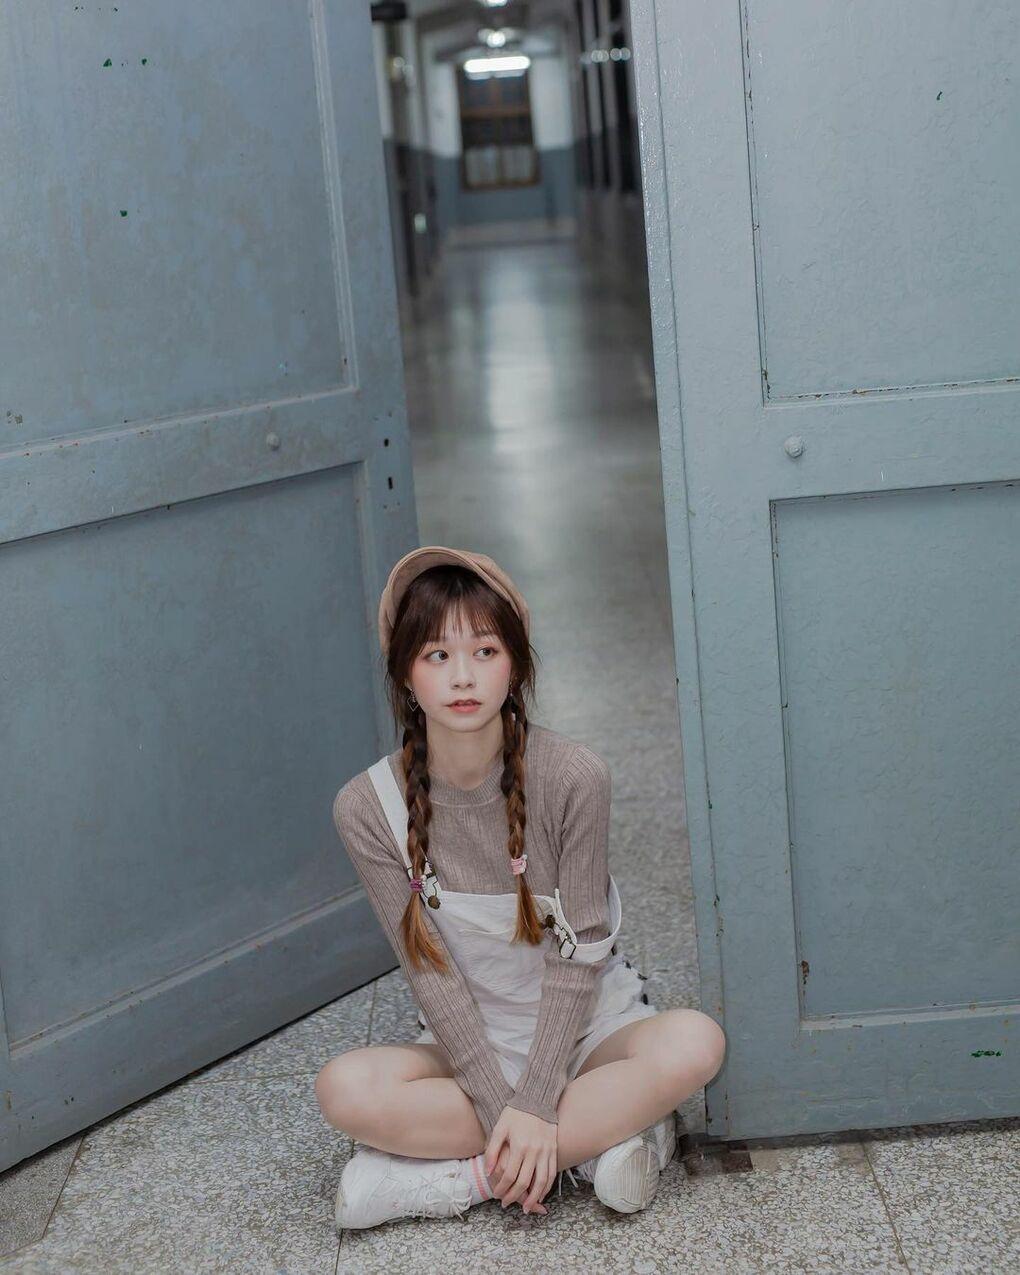 清透嫩白美眉阿耕Yusi满满胶原蛋白的氧气少女(20P) 网络美女 第15张